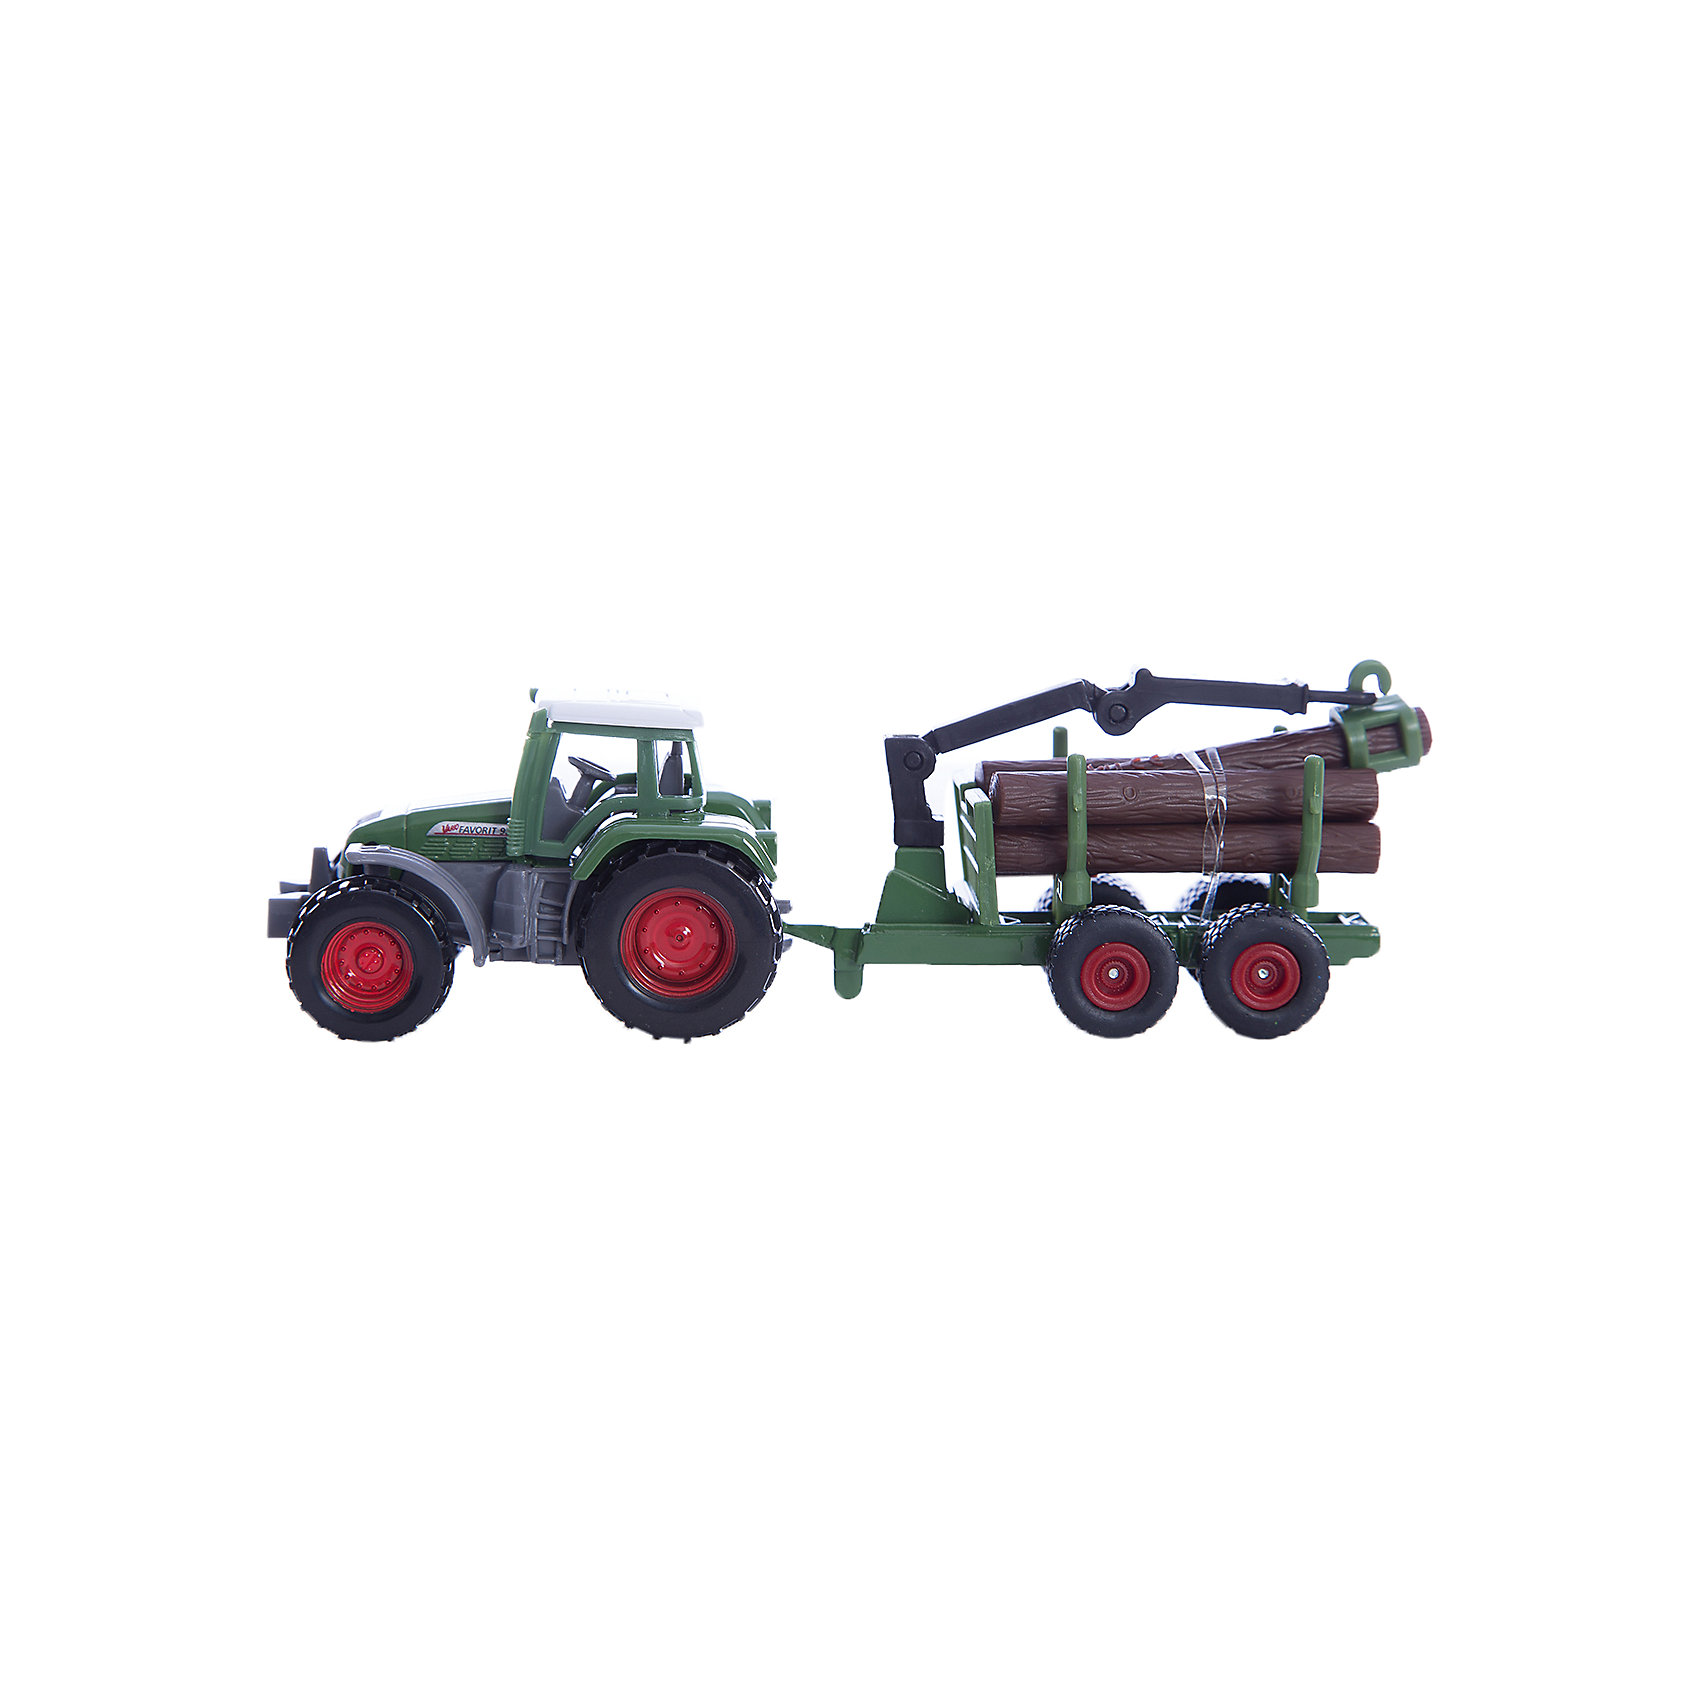 SIKU SIKU 1645 Трактор с прицепом для перевозки бревен siku игрушка гидравлический кран